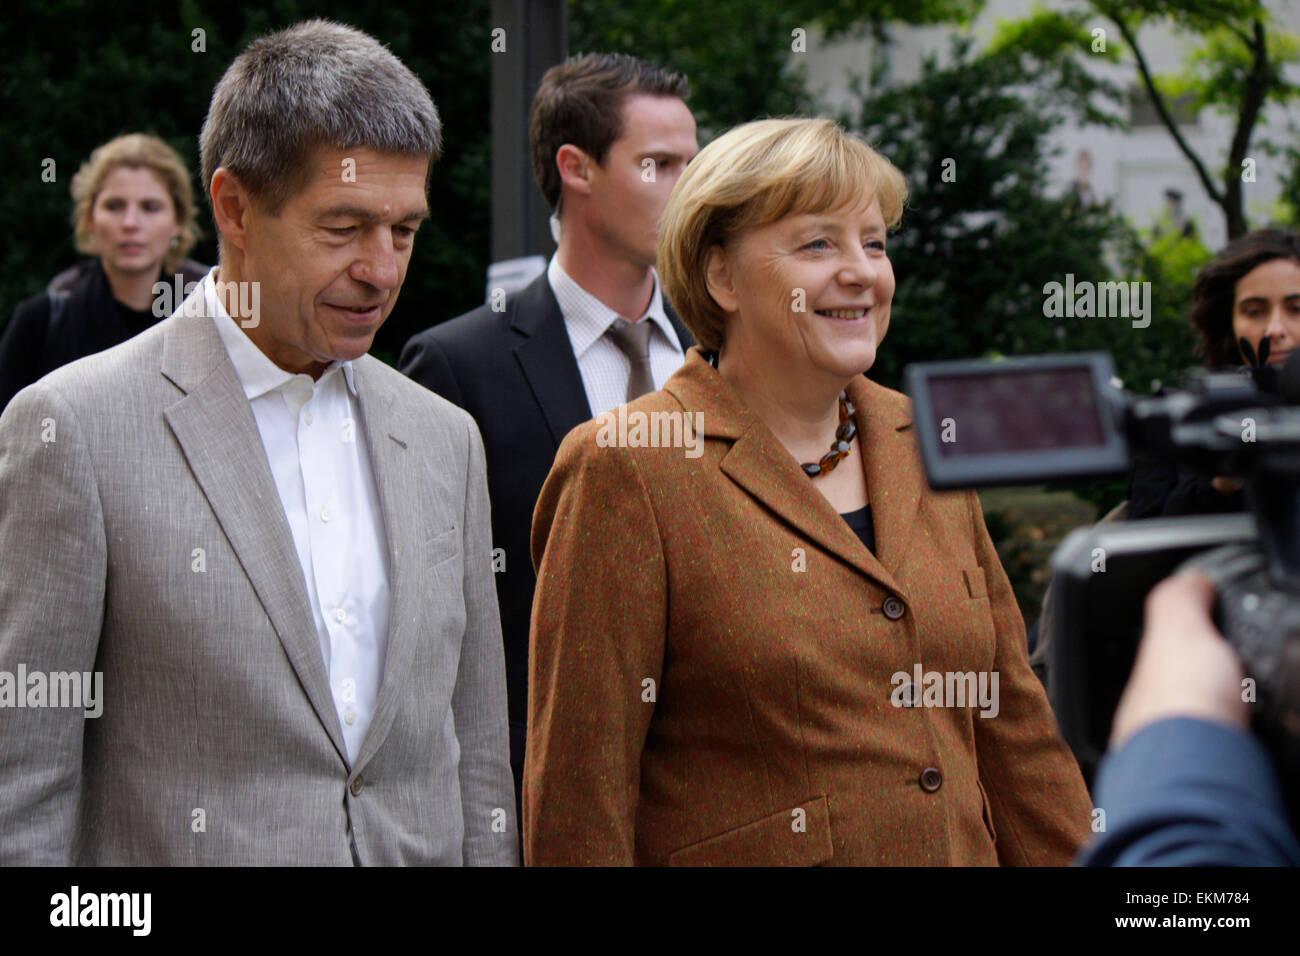 BKin Angela Merkel mit Ehemann Joachim Sauer u.a. - Gang der Bundeskanzlerin zur Wahlkabine am Tag der Bundestagswahl - Stock Image